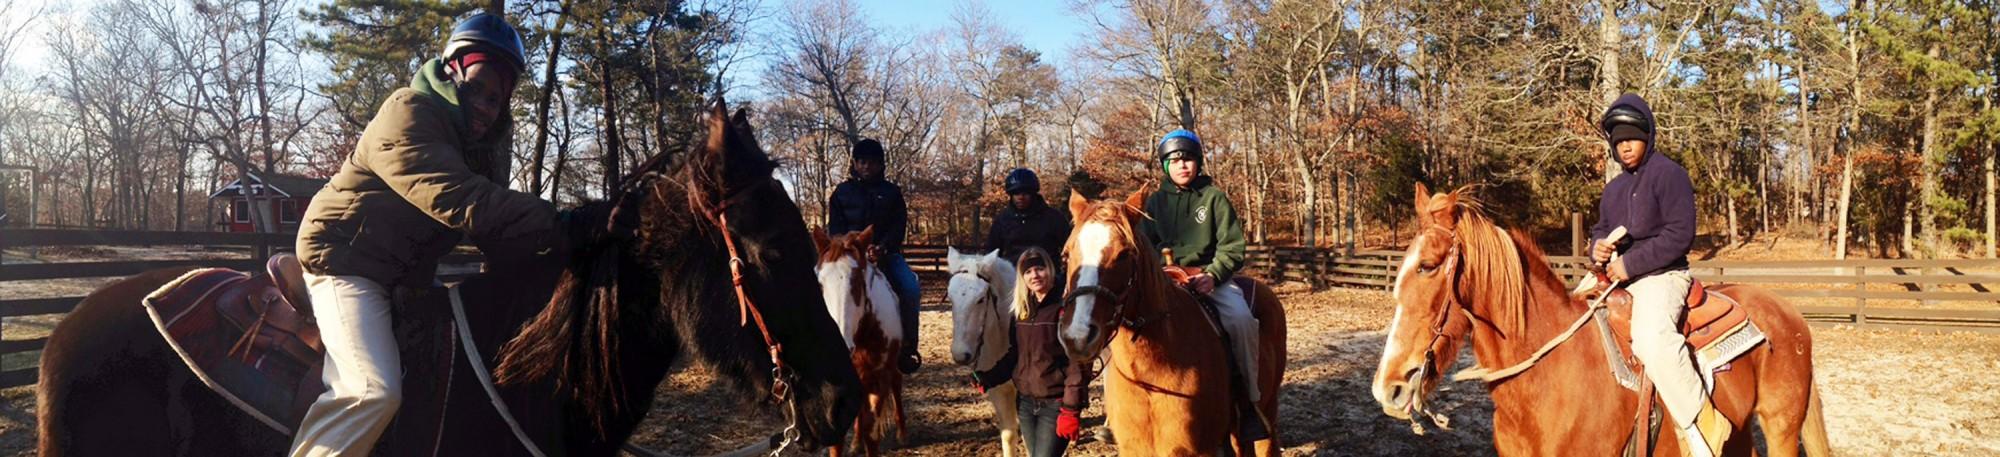 boys horses